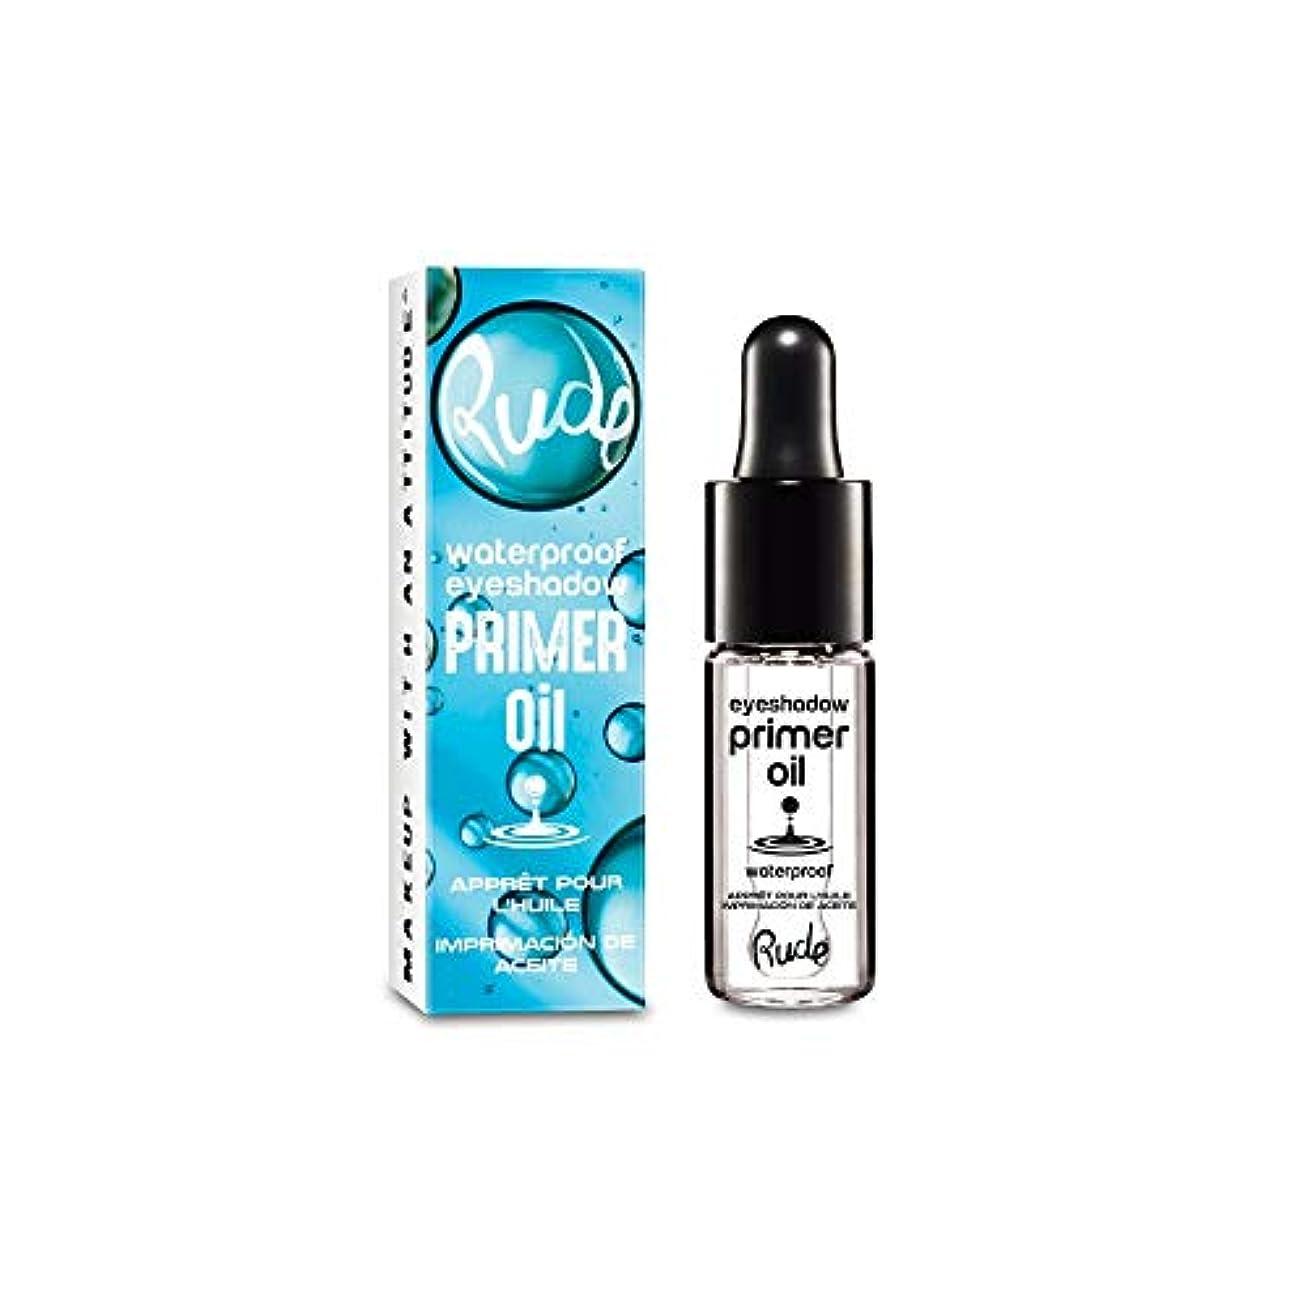 乳白色いつか恩赦(3 Pack) RUDE Waterproof Eyeshadow Primer Oil (並行輸入品)